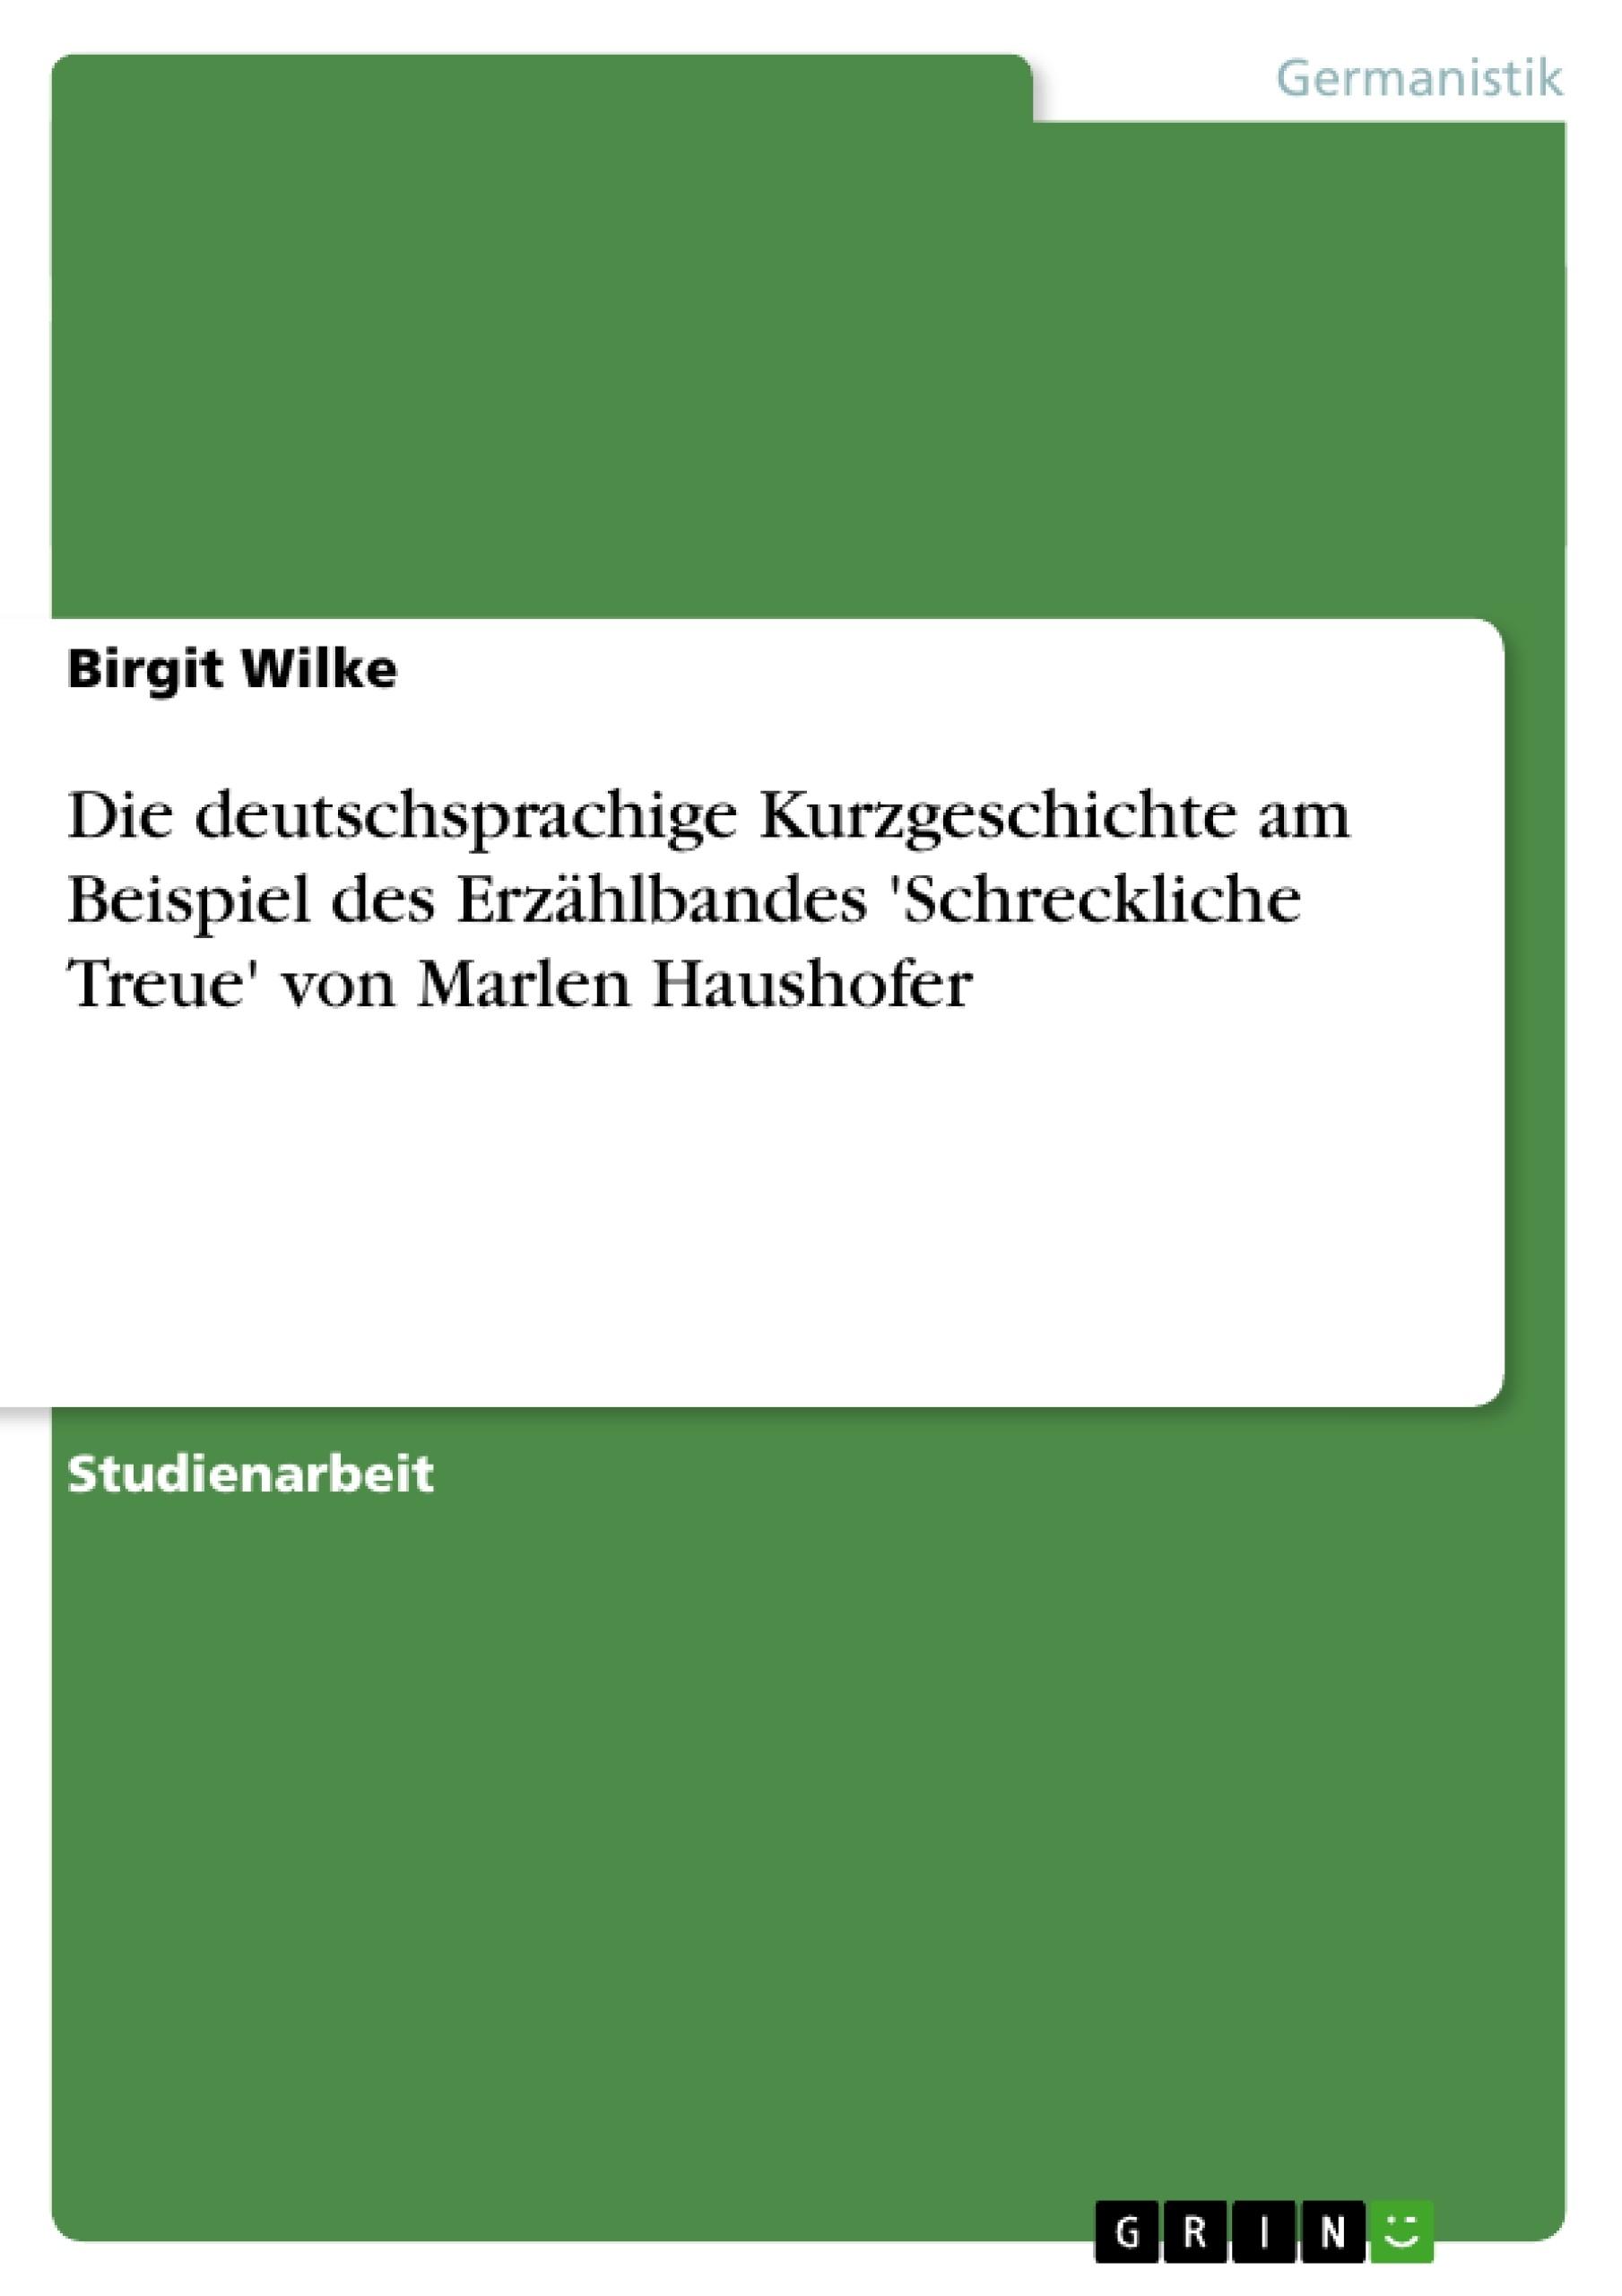 Titel: Die deutschsprachige Kurzgeschichte am Beispiel des Erzählbandes 'Schreckliche Treue' von Marlen Haushofer